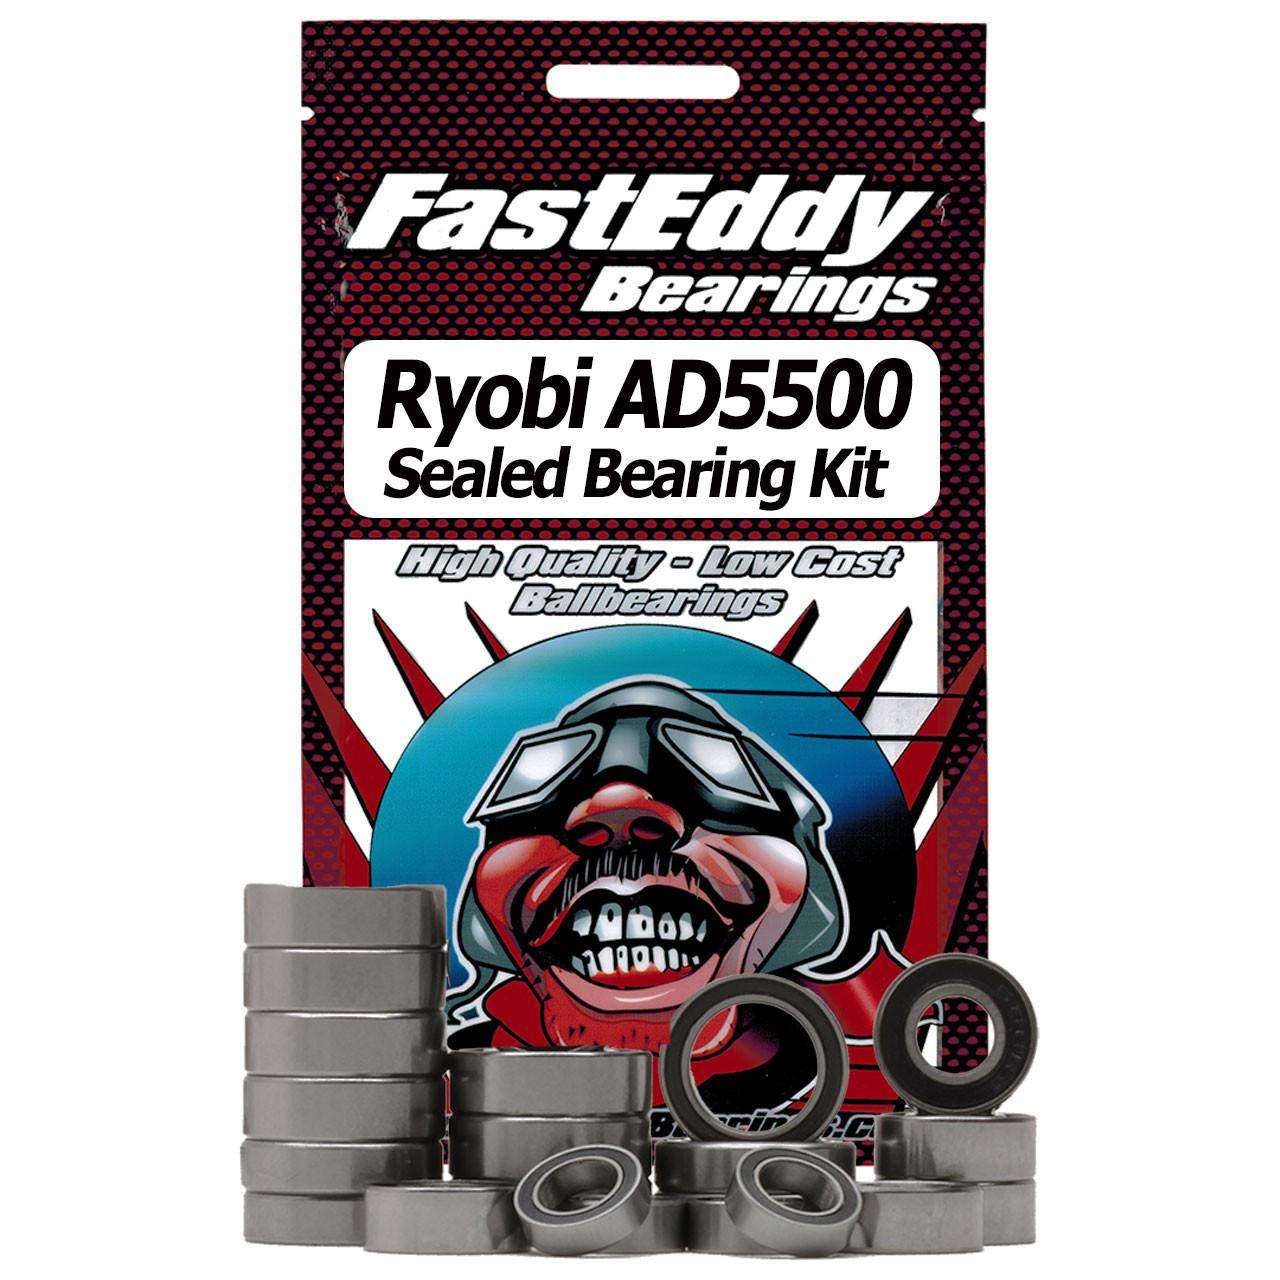 Ryobi AD5500 Lew's Speed BB-1 Series Fishing Reel Rubber Sealed Bearing Kit